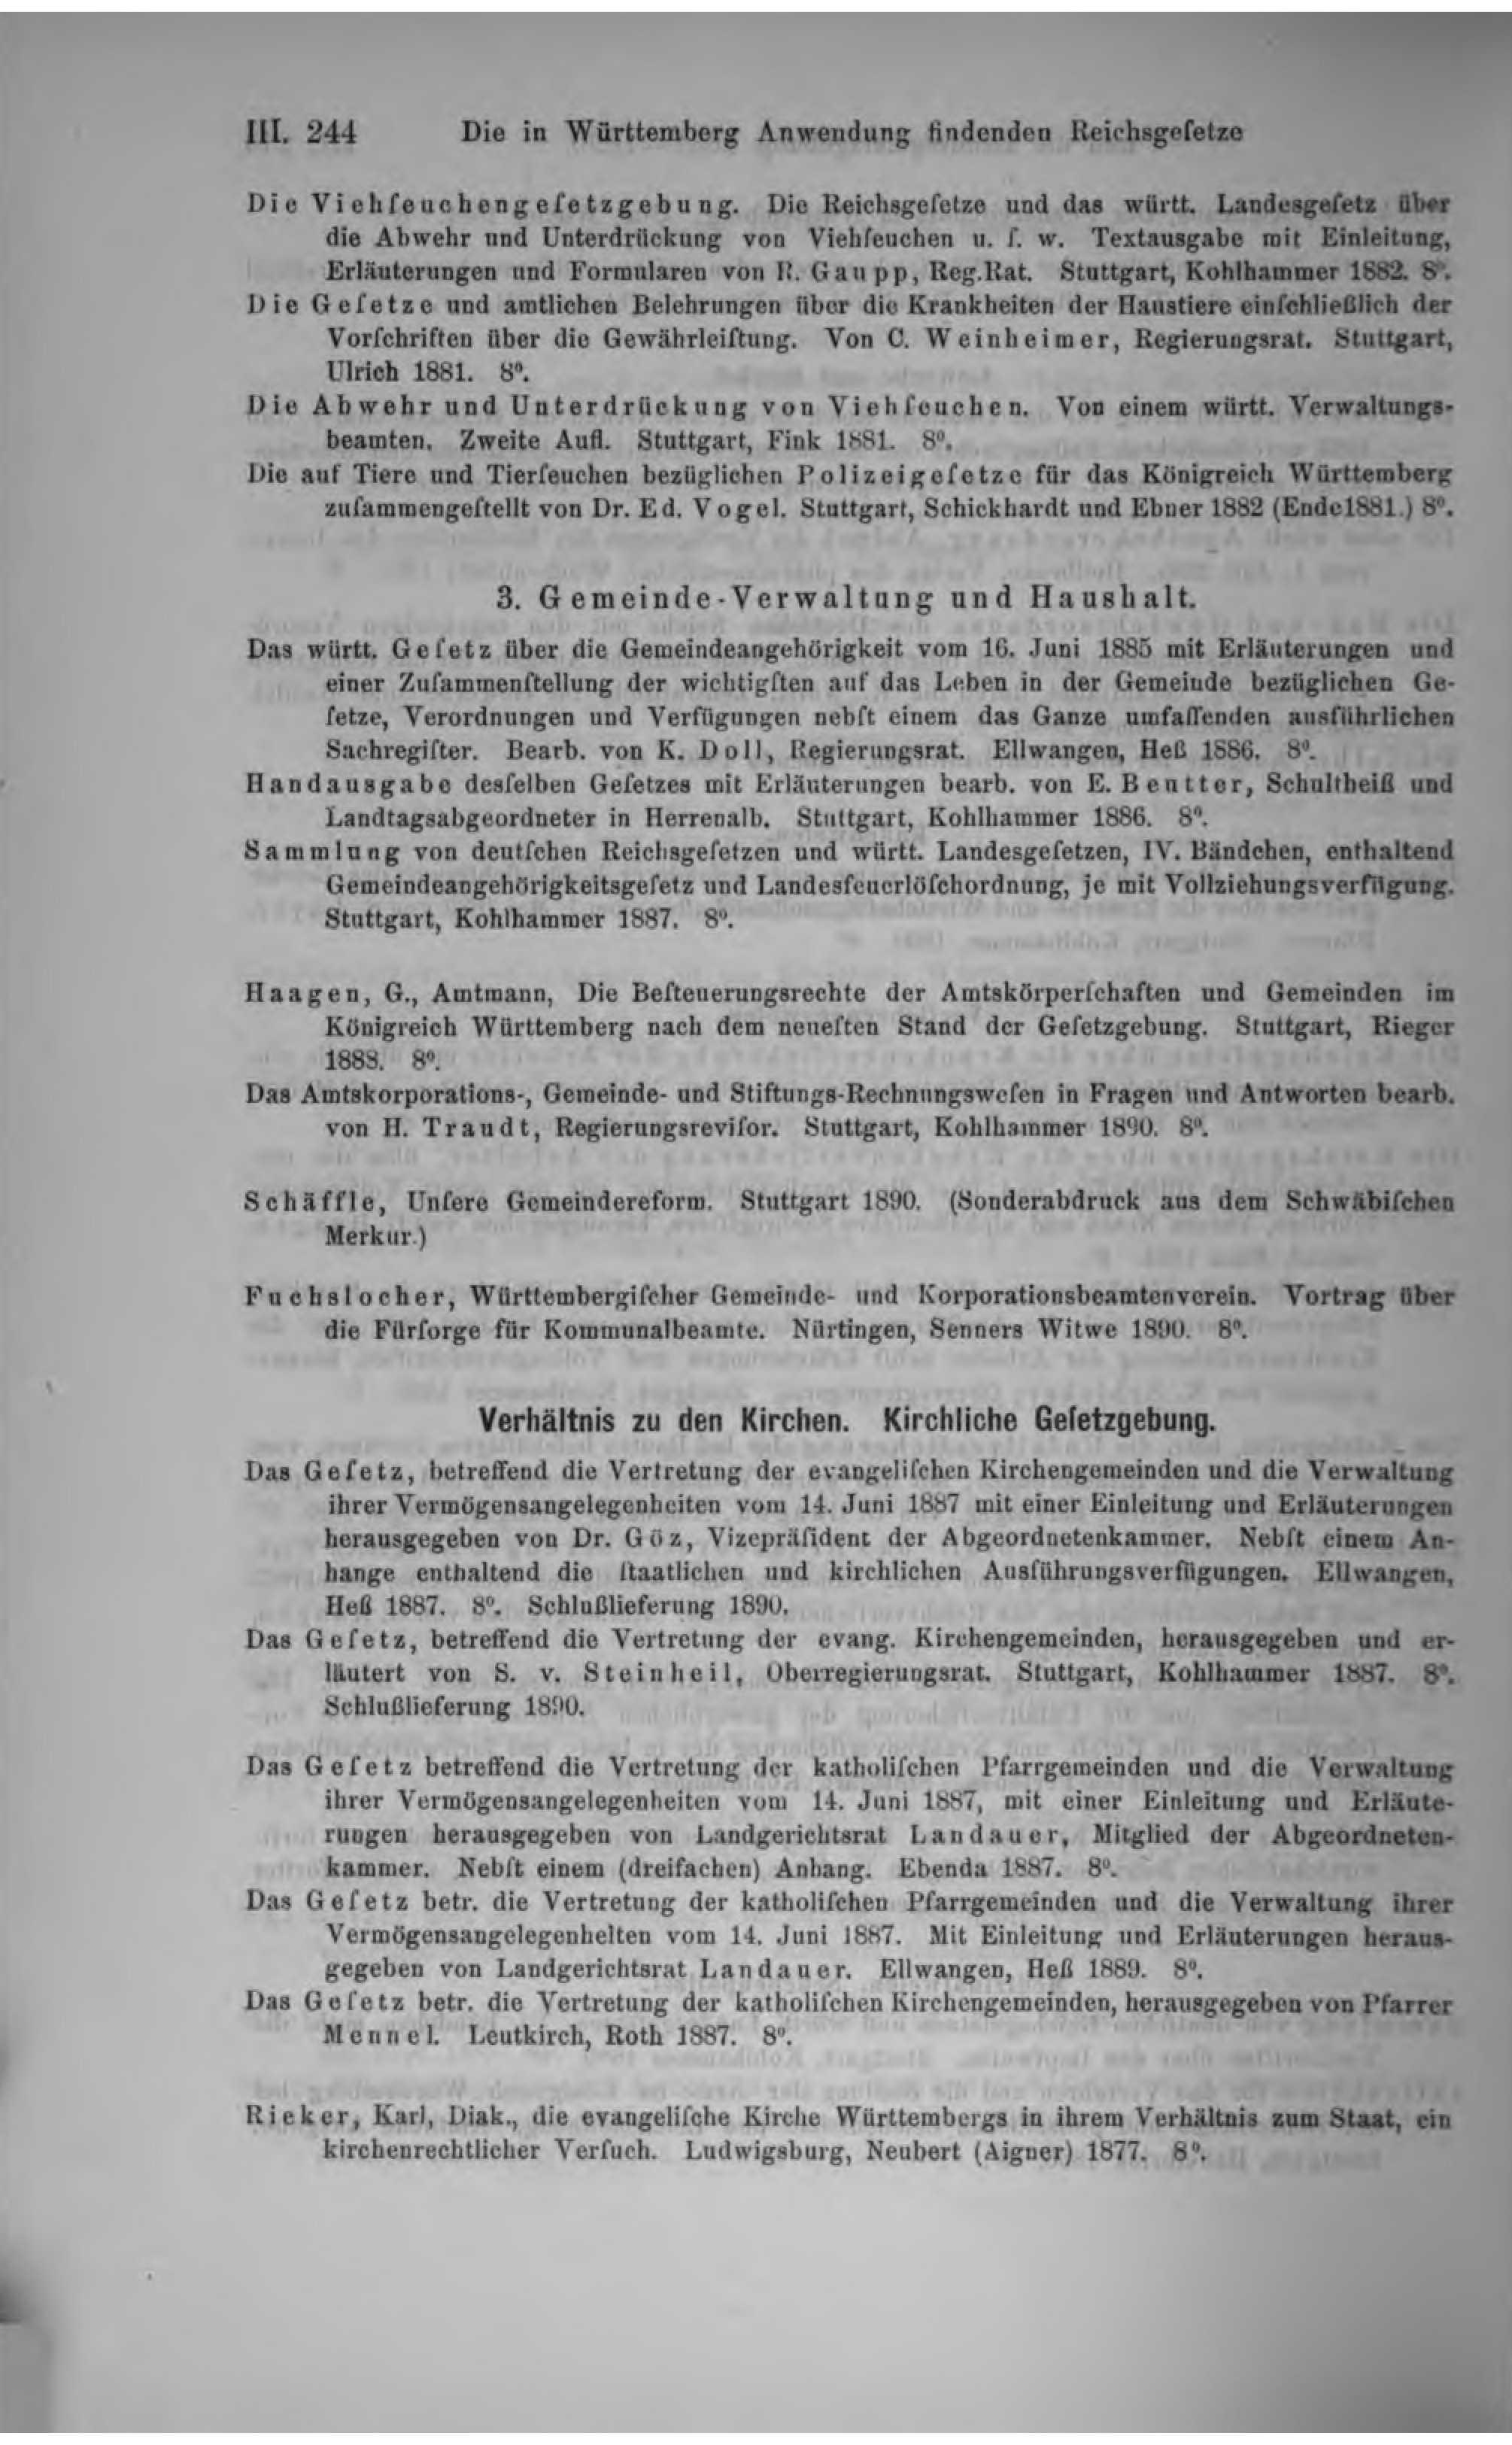 File:De Württ Jahrbuch SL 1892 0909.jpg - Wikimedia Commons